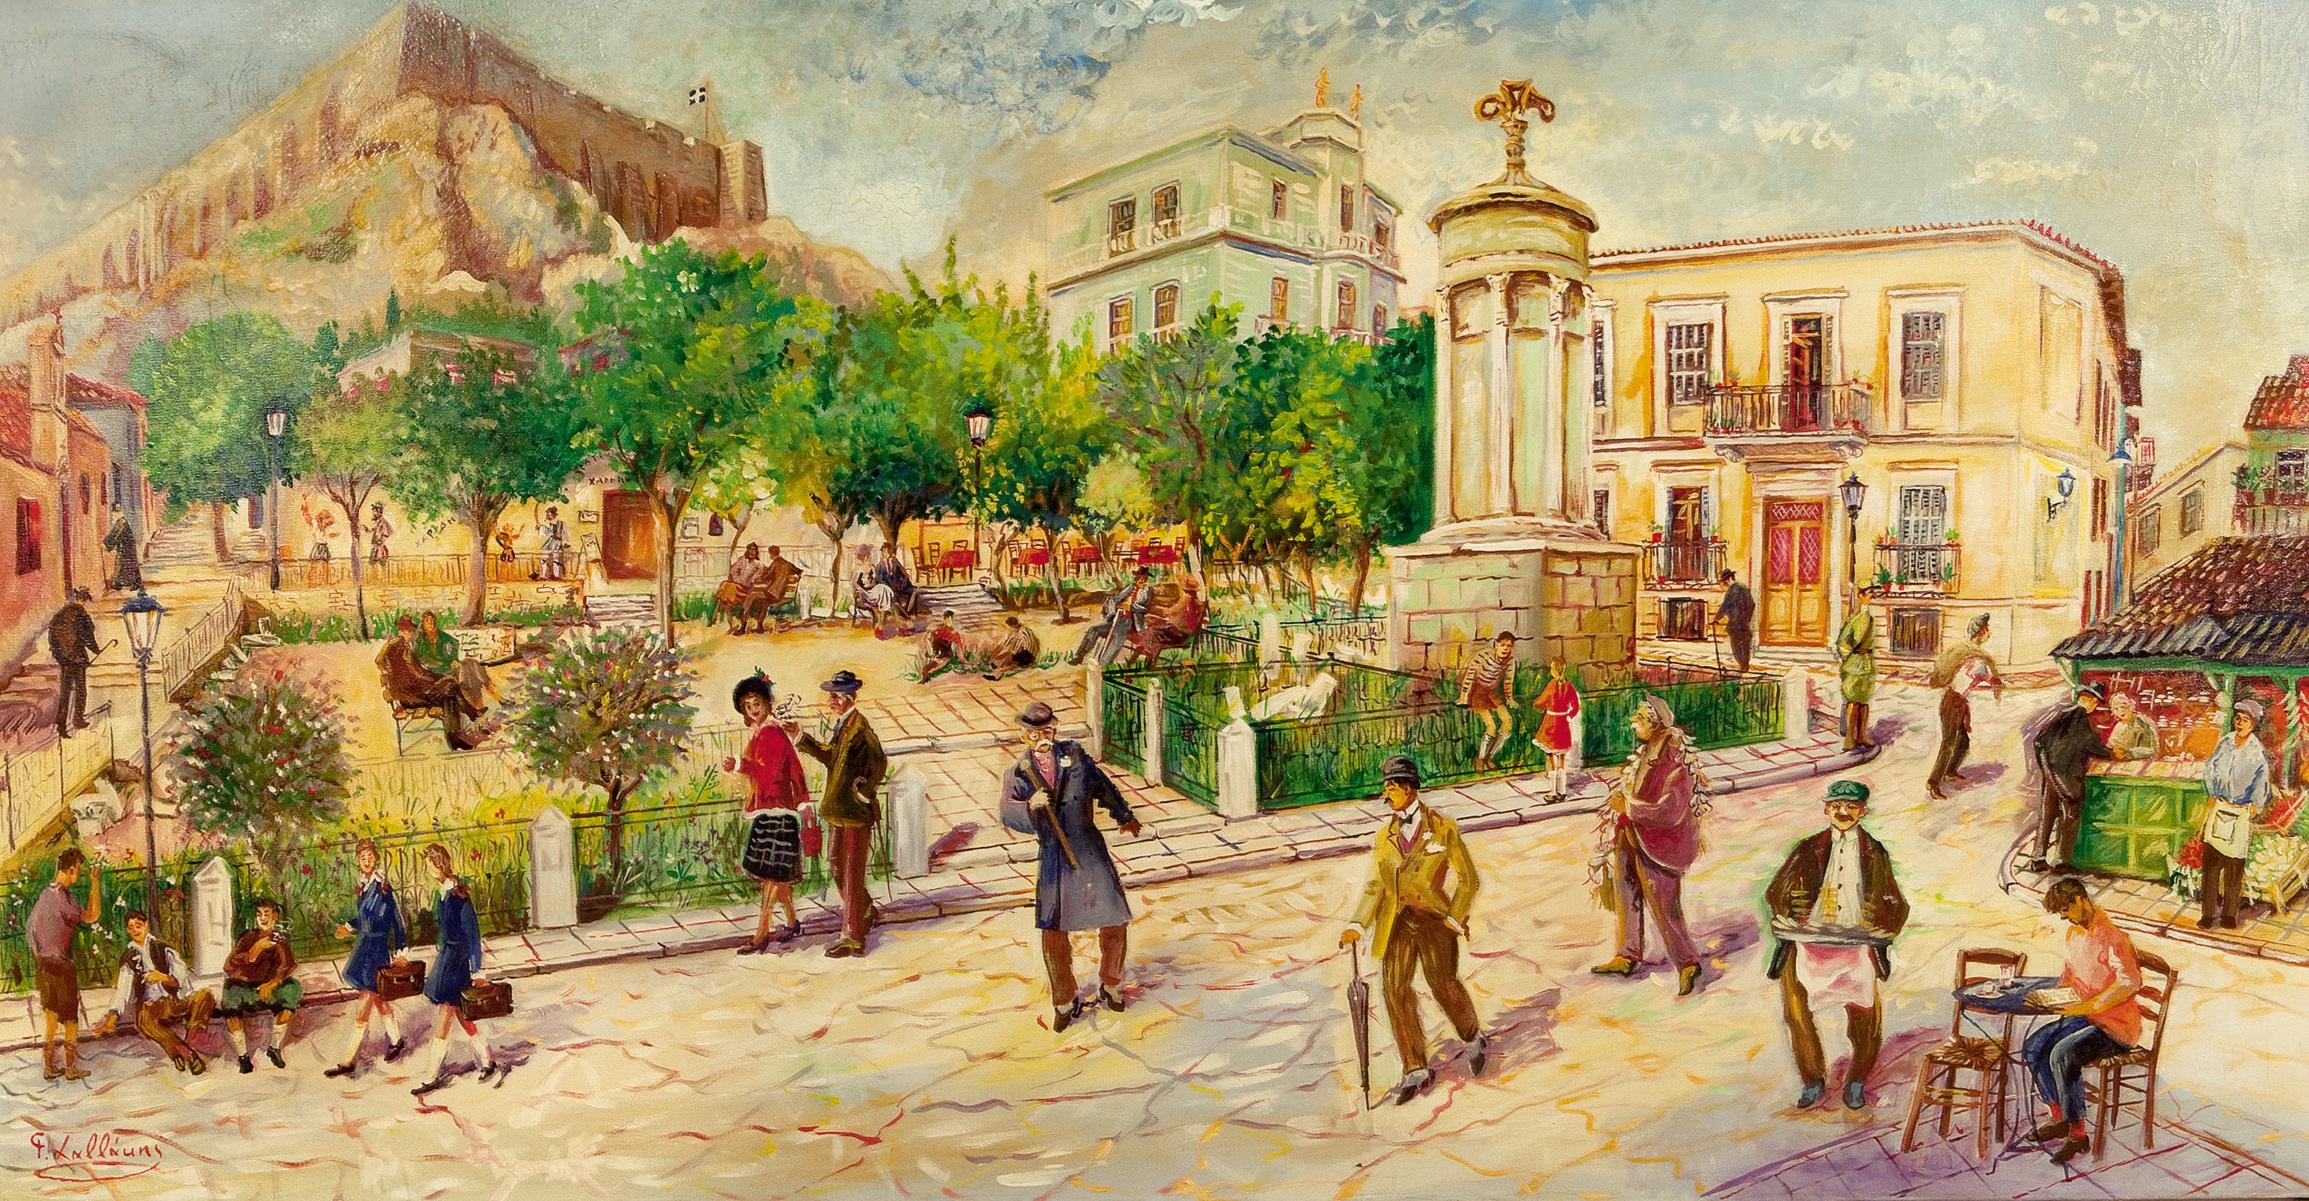 Γιώργος Σαββάκης – Υπουργείο Πολιτισμού: Νεώτερο μνημείο τα έργα στις ταβέρνες της Πλάκας